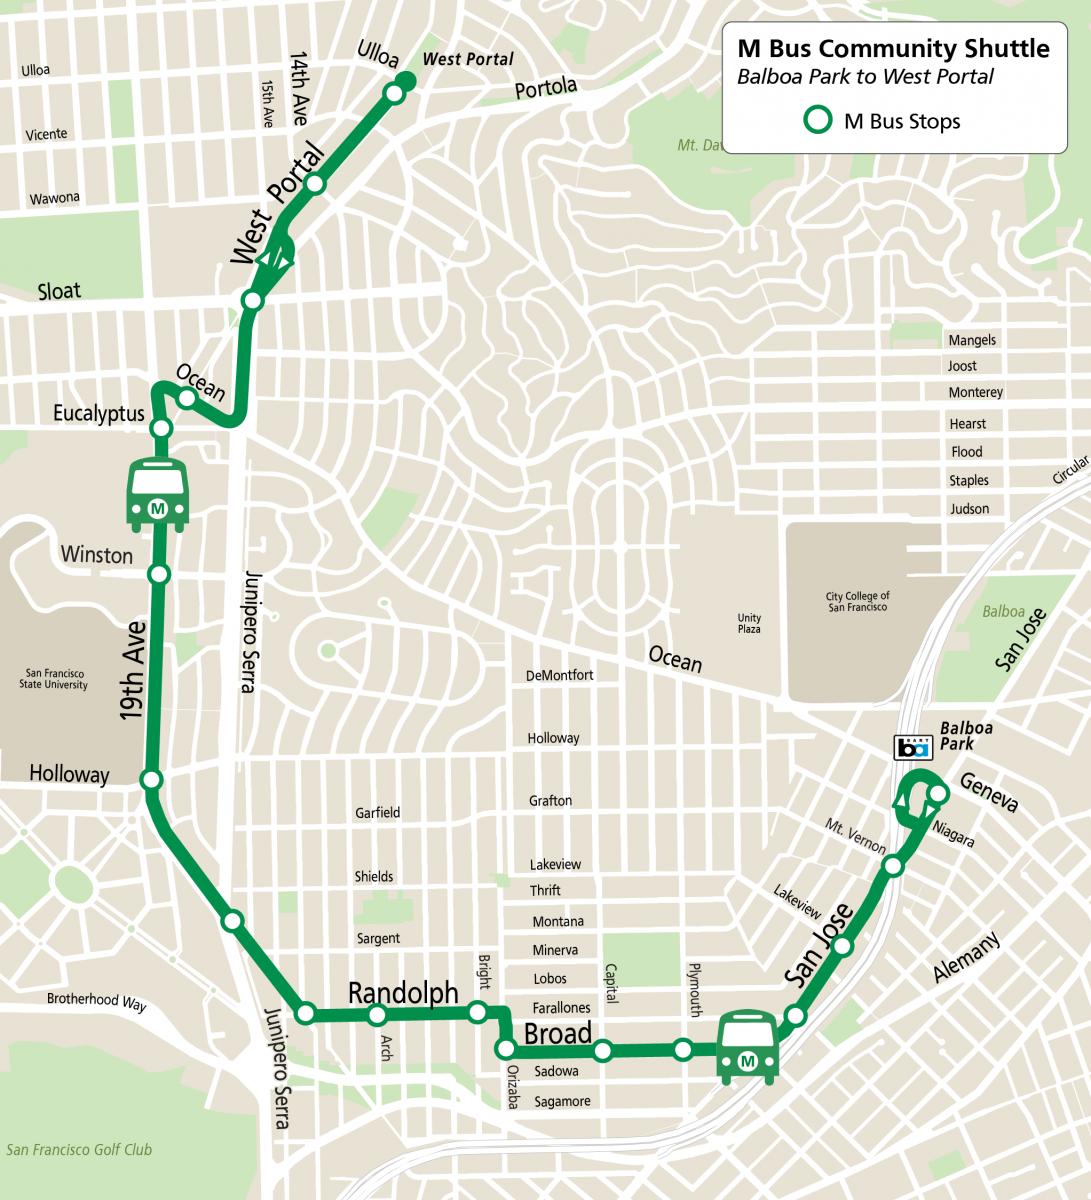 M Bus Community Shuttle Route